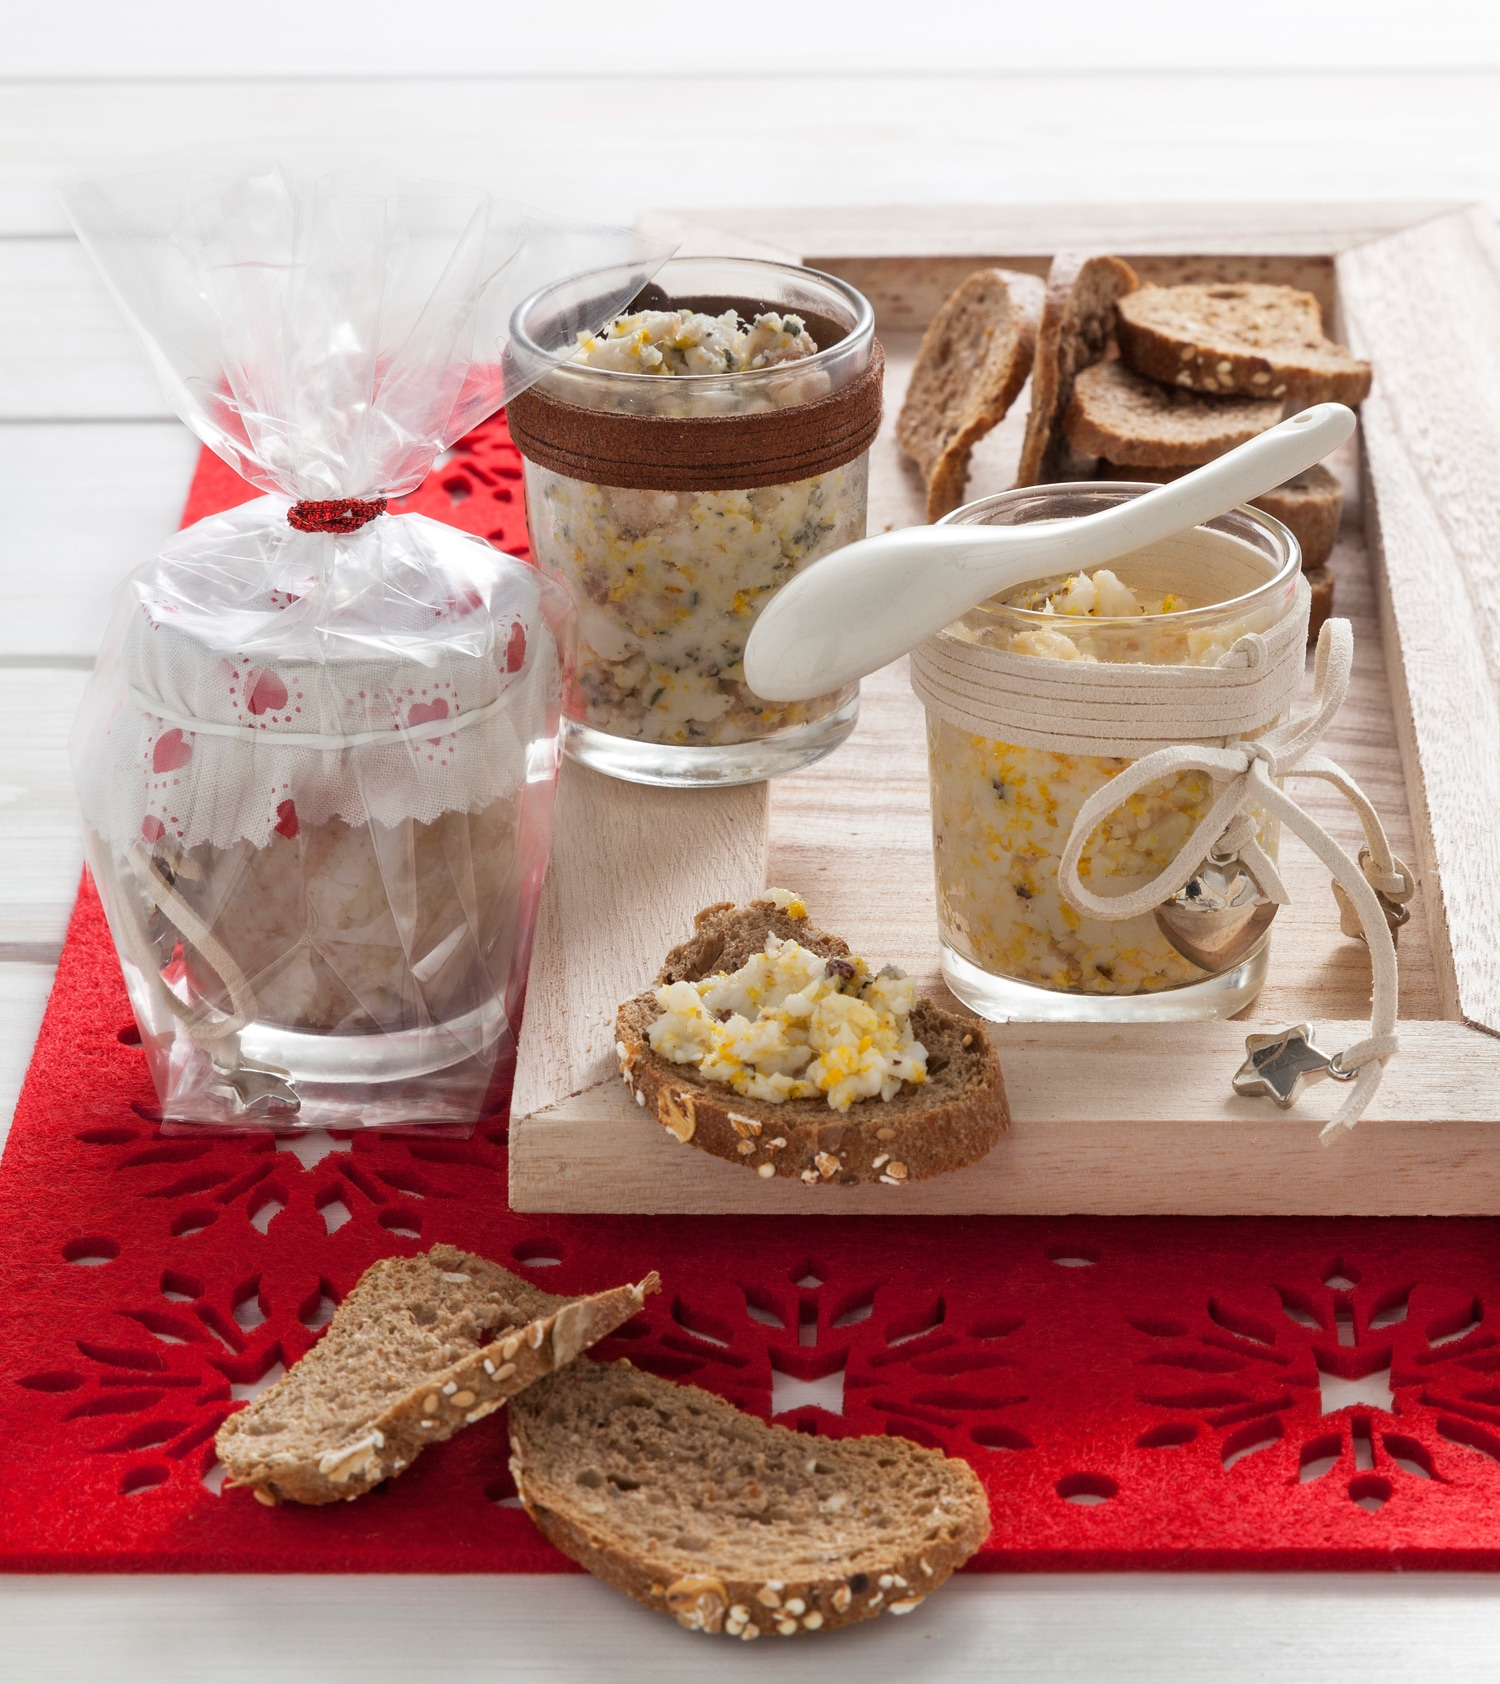 Regali Di Natale Culinari Fai Da Te.30 Regali Di Natale Fatti A Mano In Cucina Donna Moderna